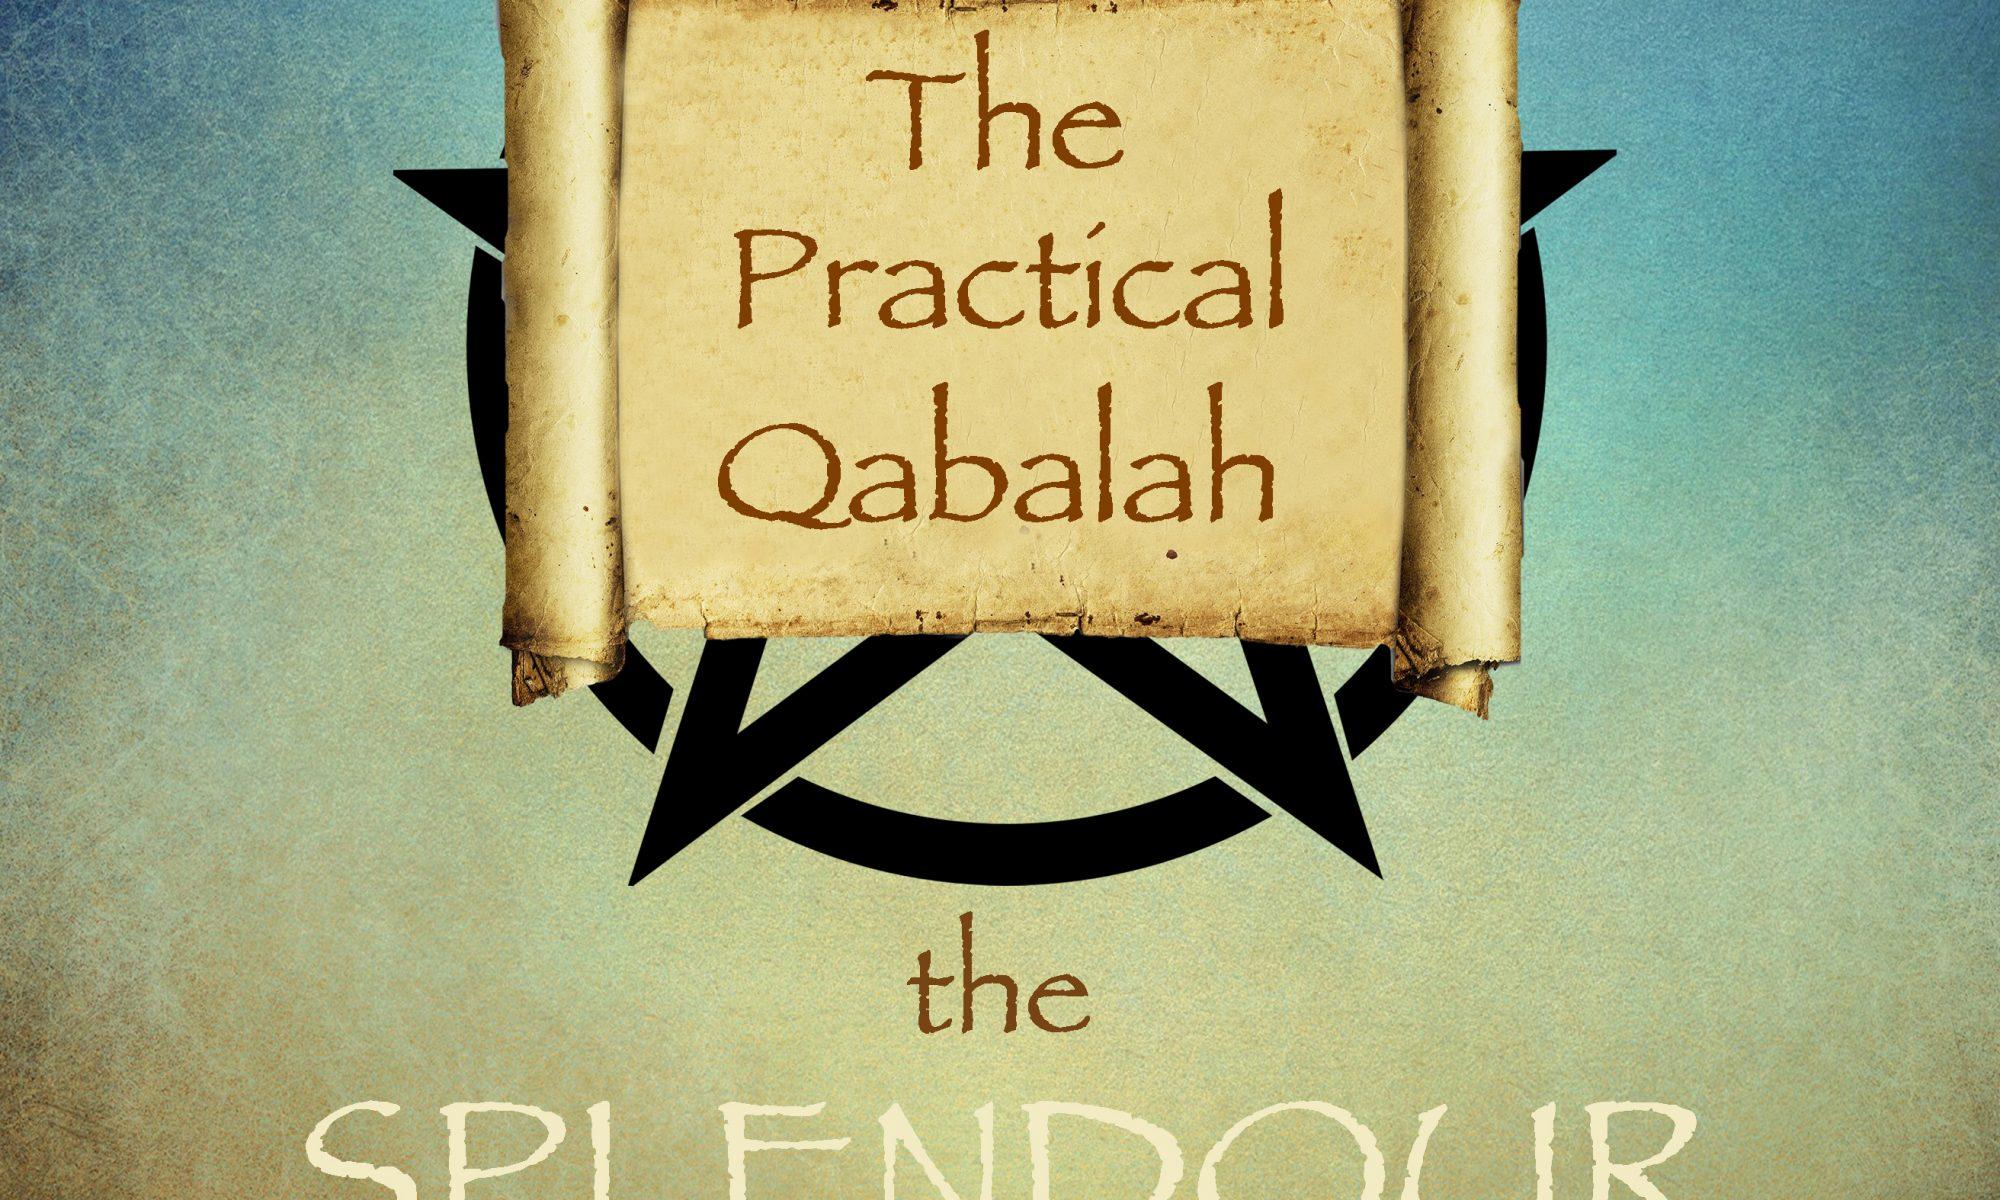 Hod the Splendour Qabalah front cover